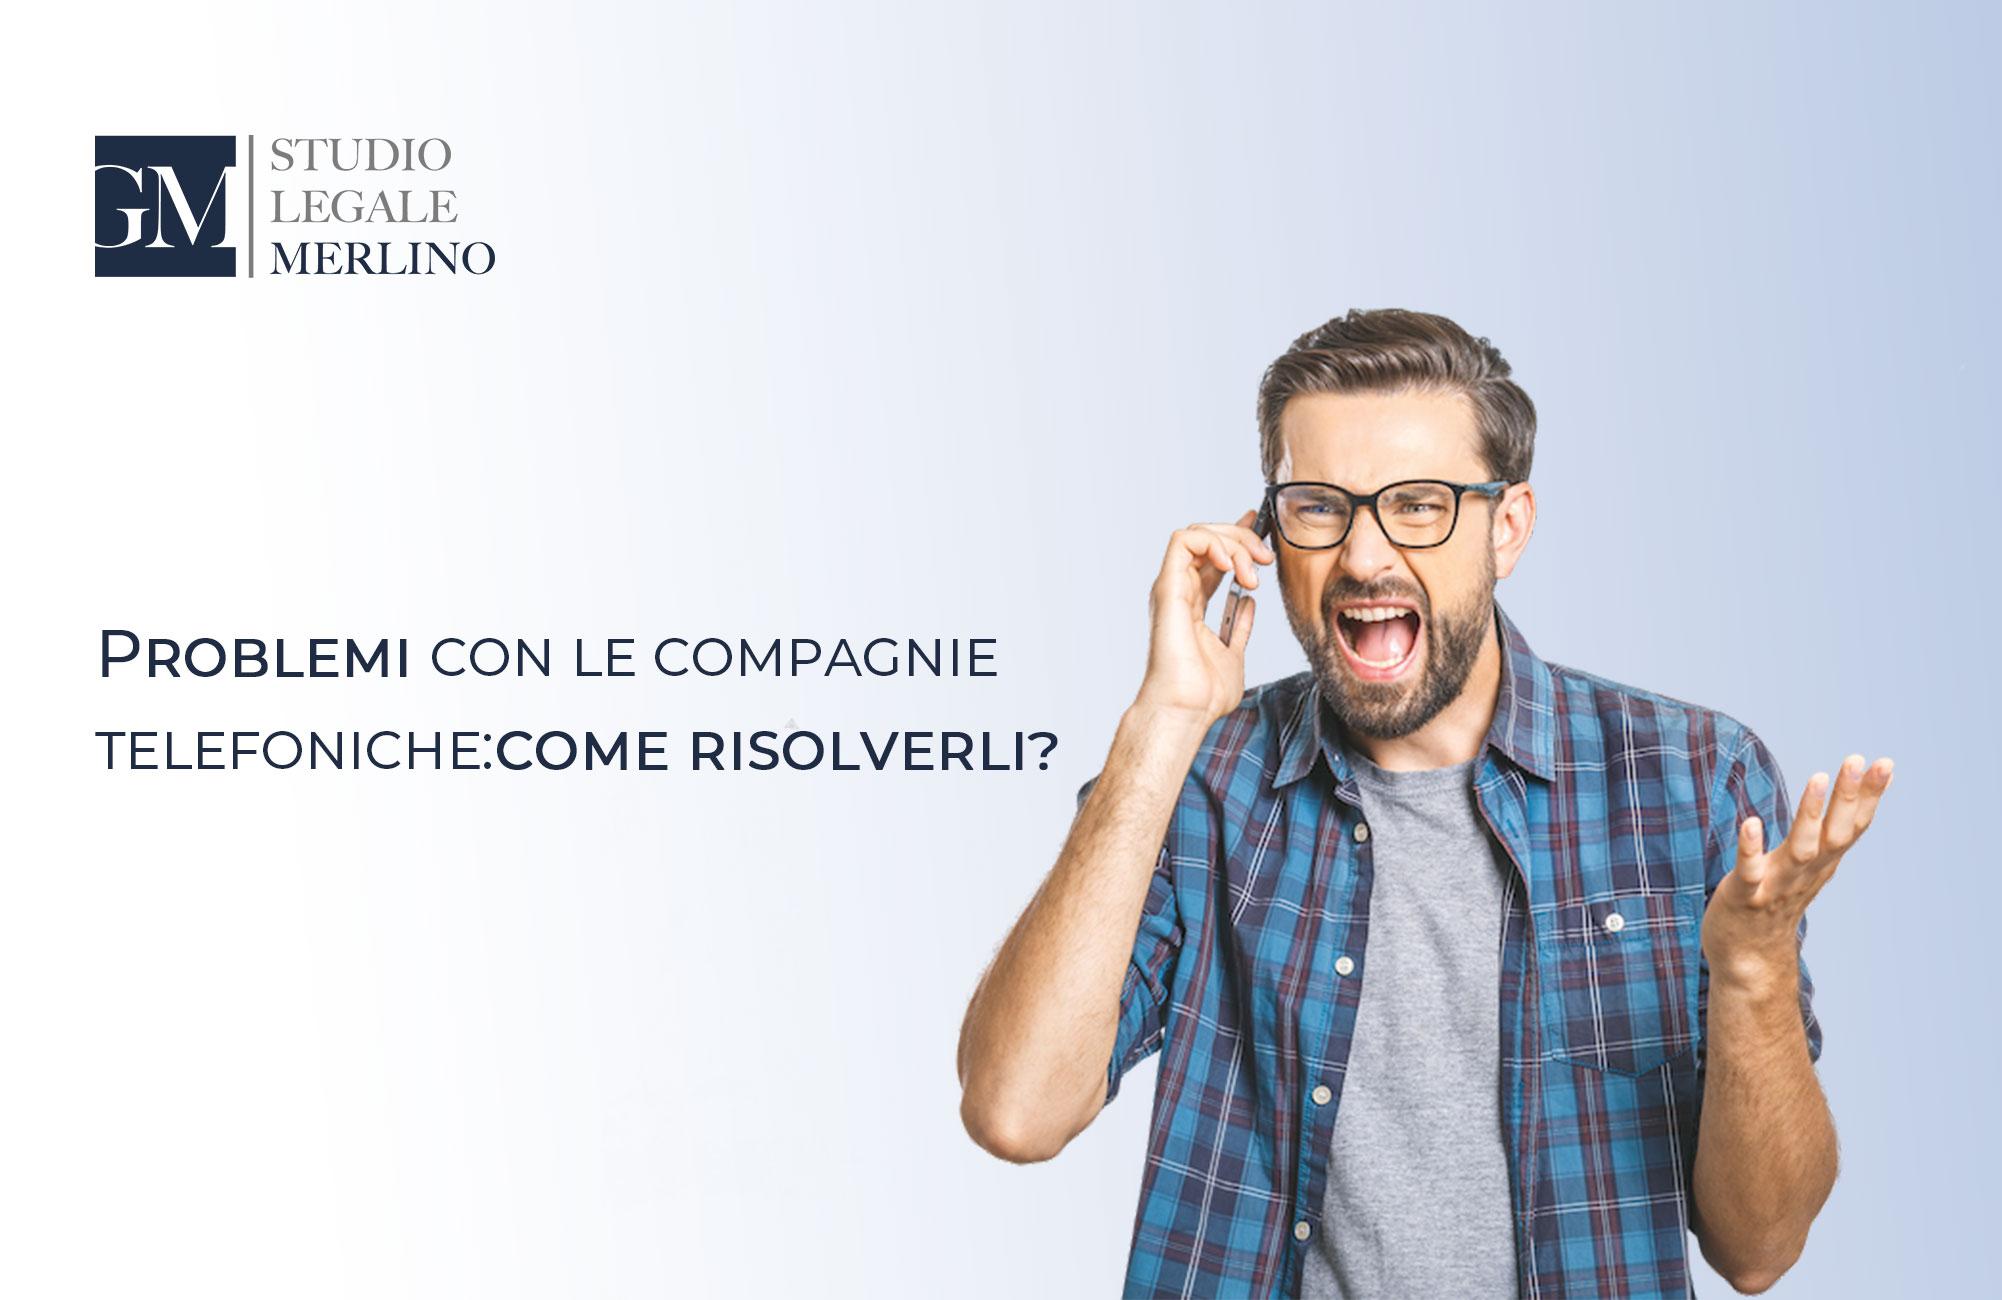 RISOLVERE PROBLEMI CON LE COMPAGNIE TELEFONICHE